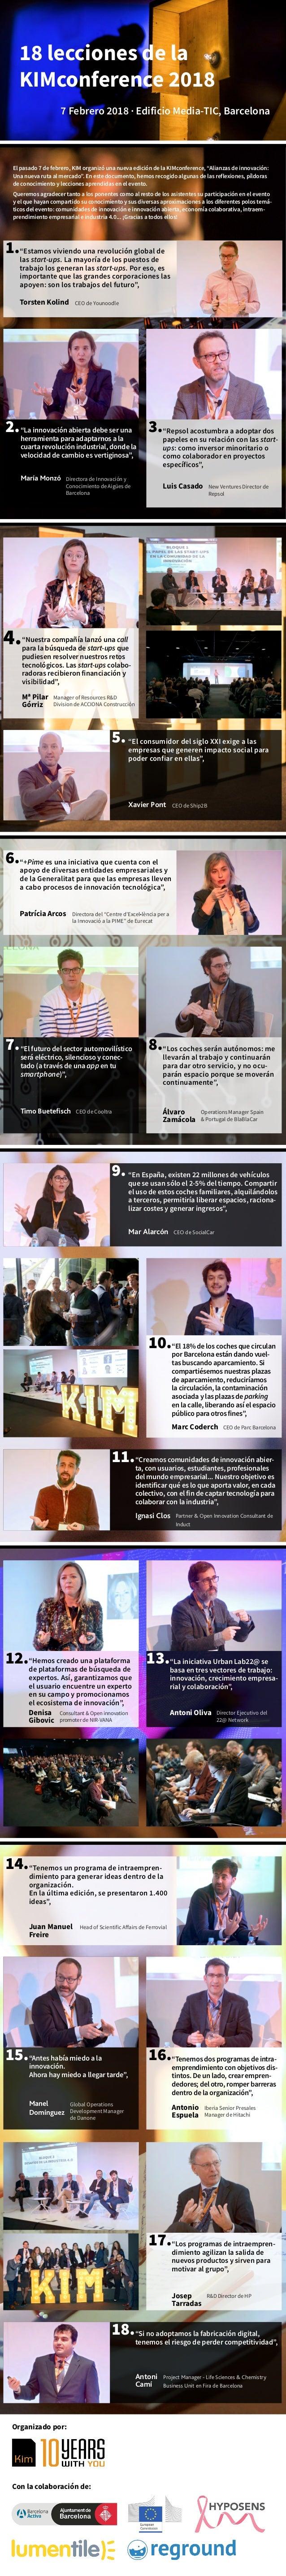 """""""Repsol acostumbra a adoptar dos papeles en su relación con las start- ups: como inversor minoritario o como colaborador e..."""